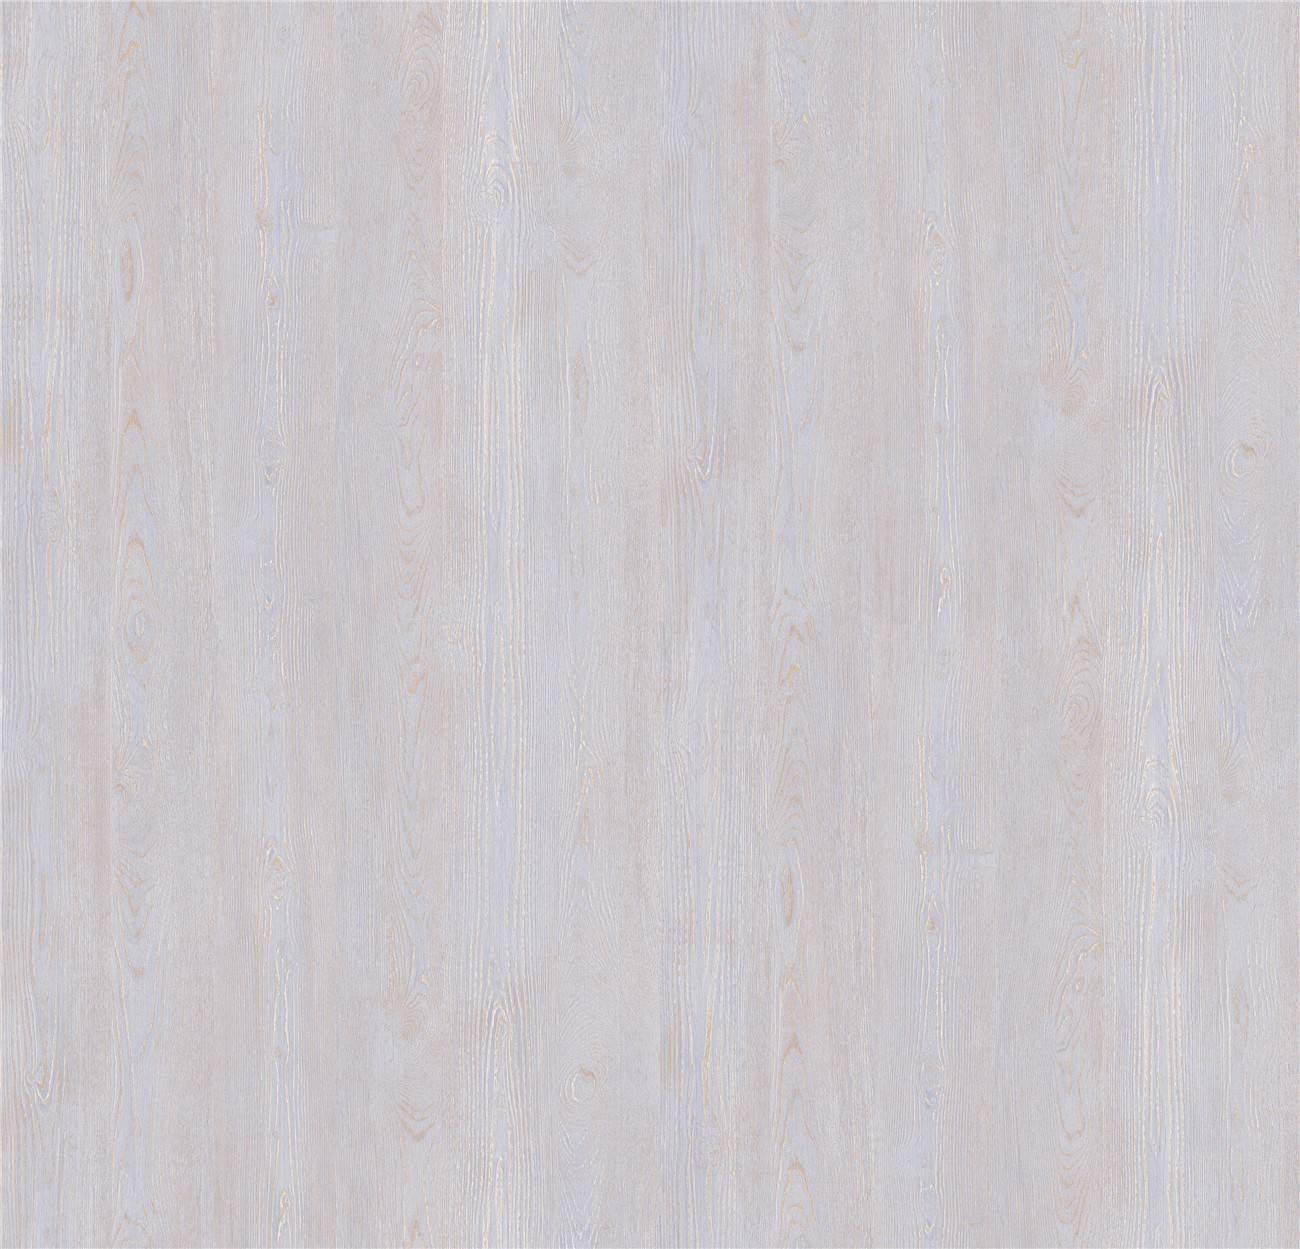 ID3003-2 Solna White